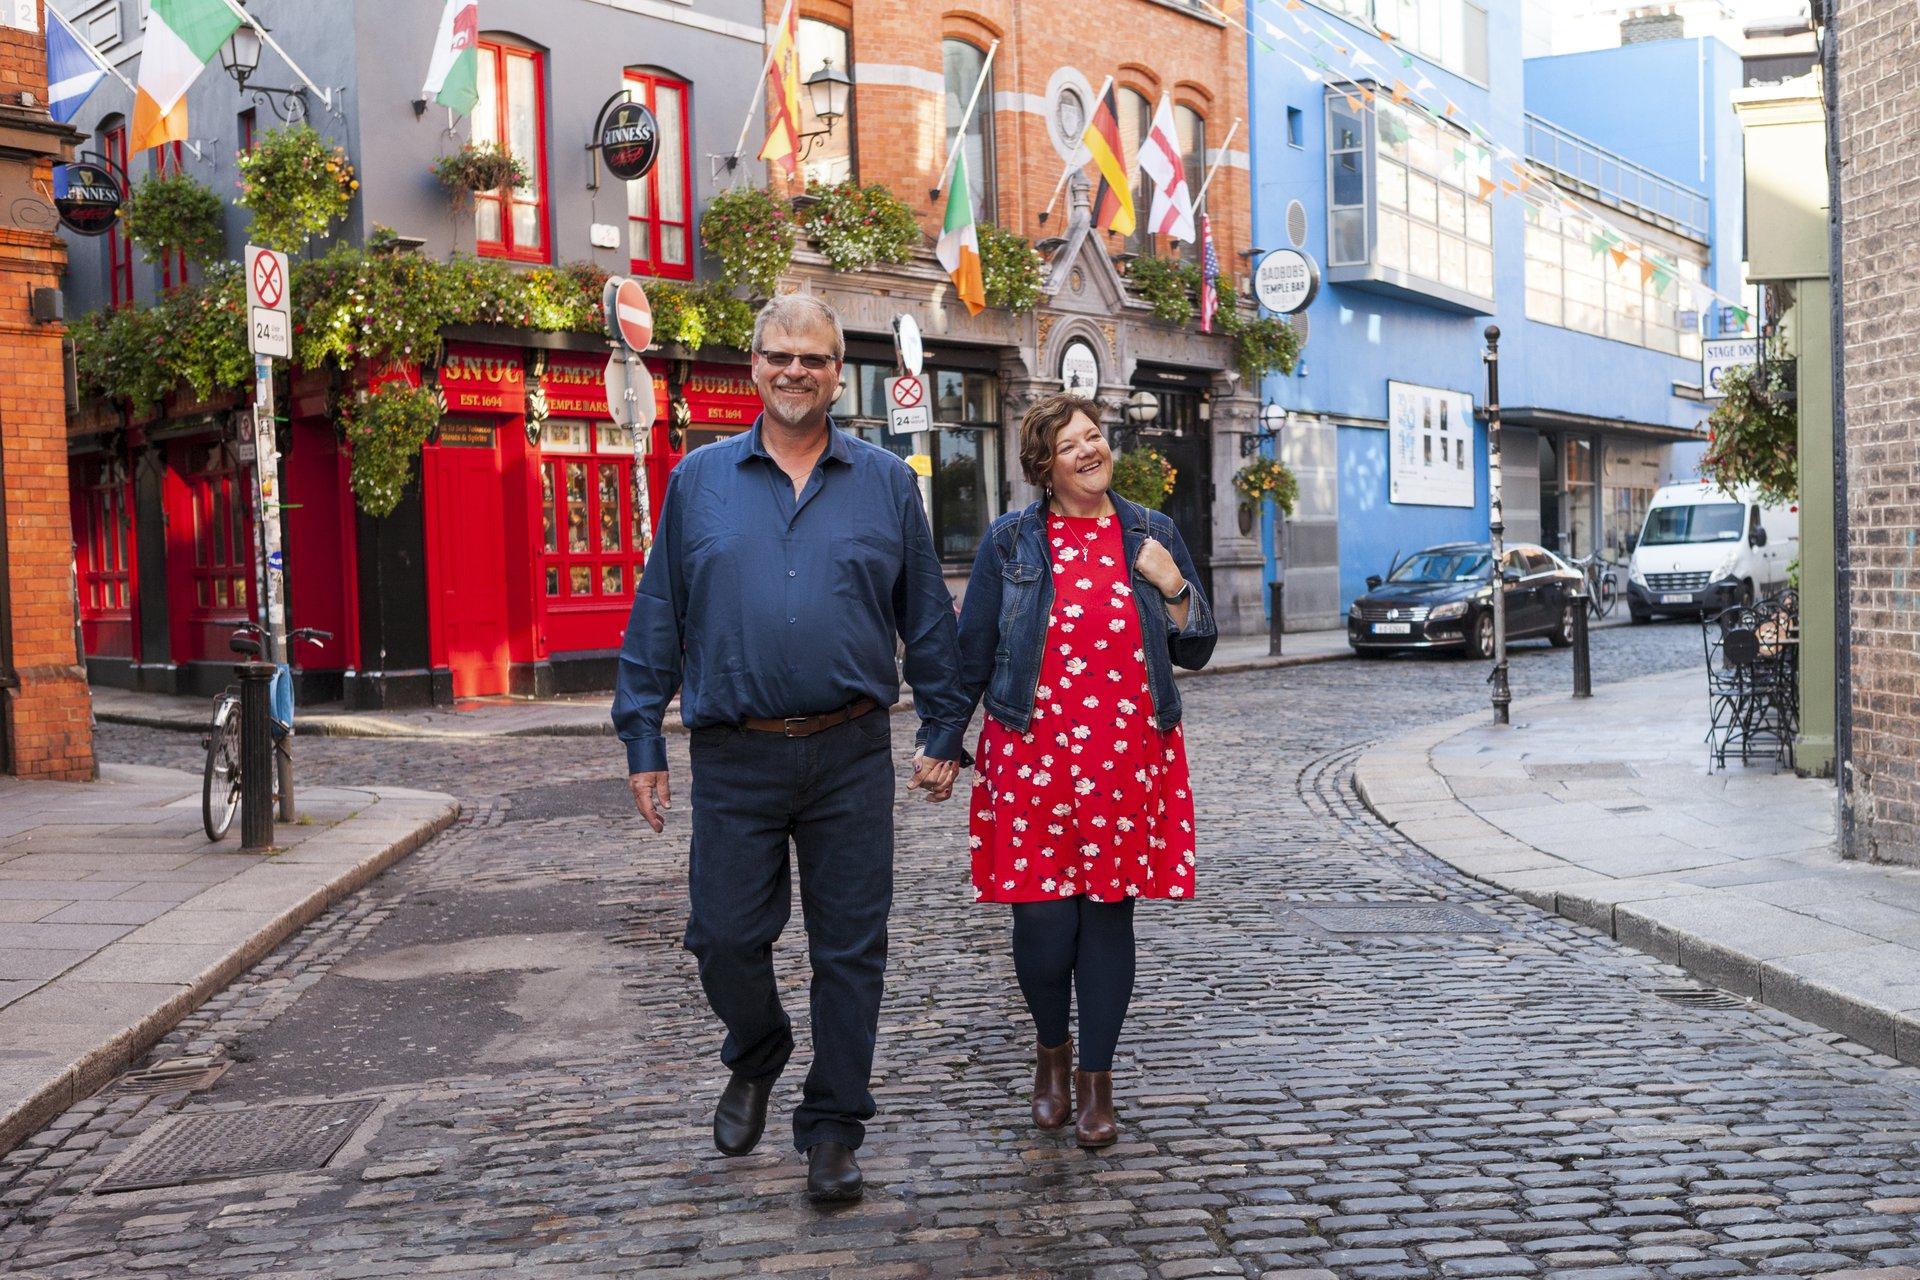 Dublin-Ireland-travel-story-Flytographer-7